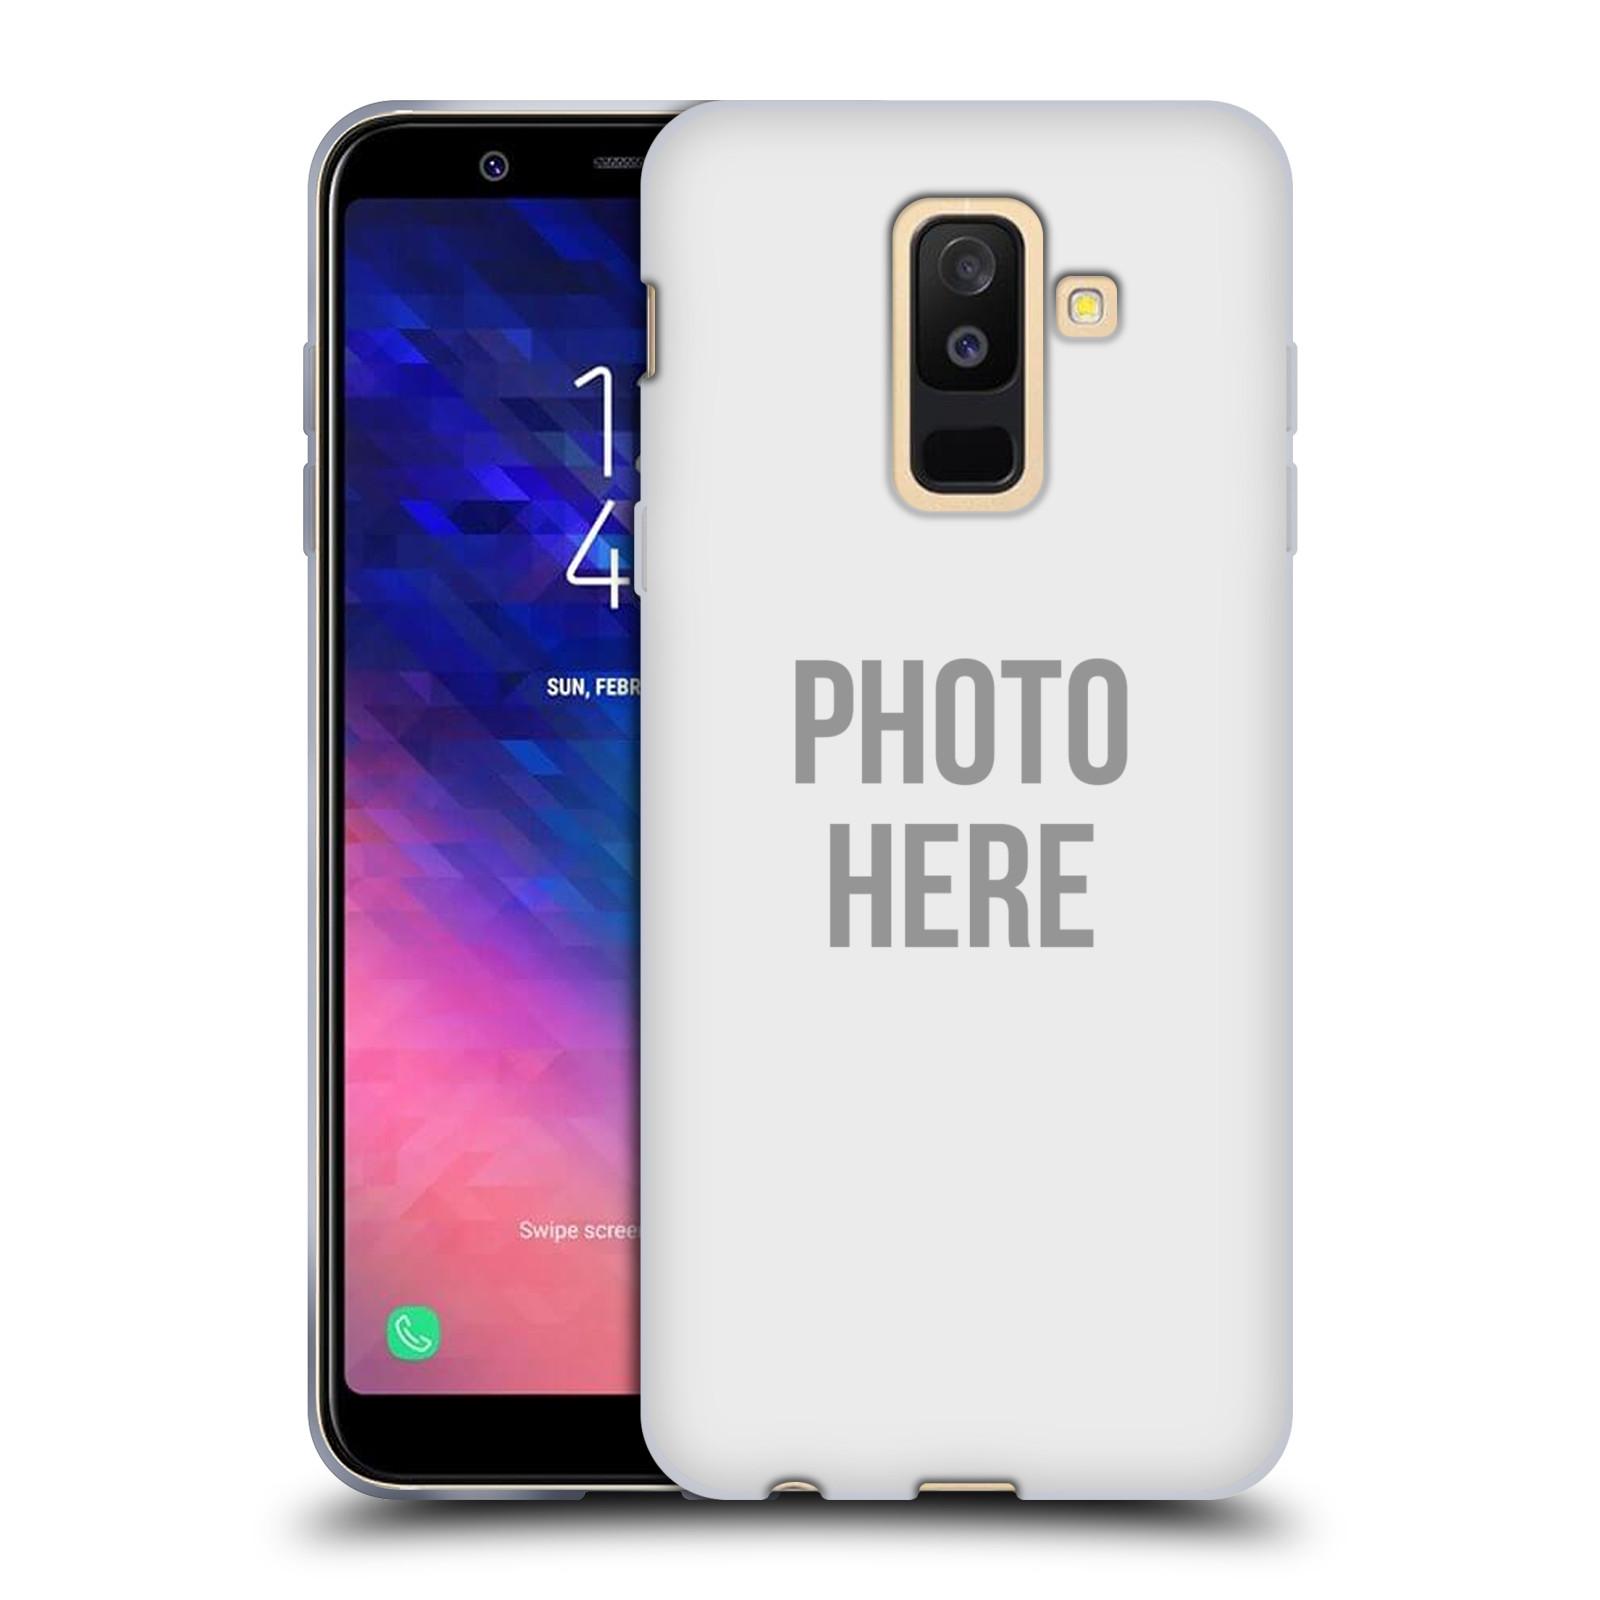 Silikonové pouzdro na mobil Samsung Galaxy A6 Plus (2018) - Head Case - s vlastním motivem